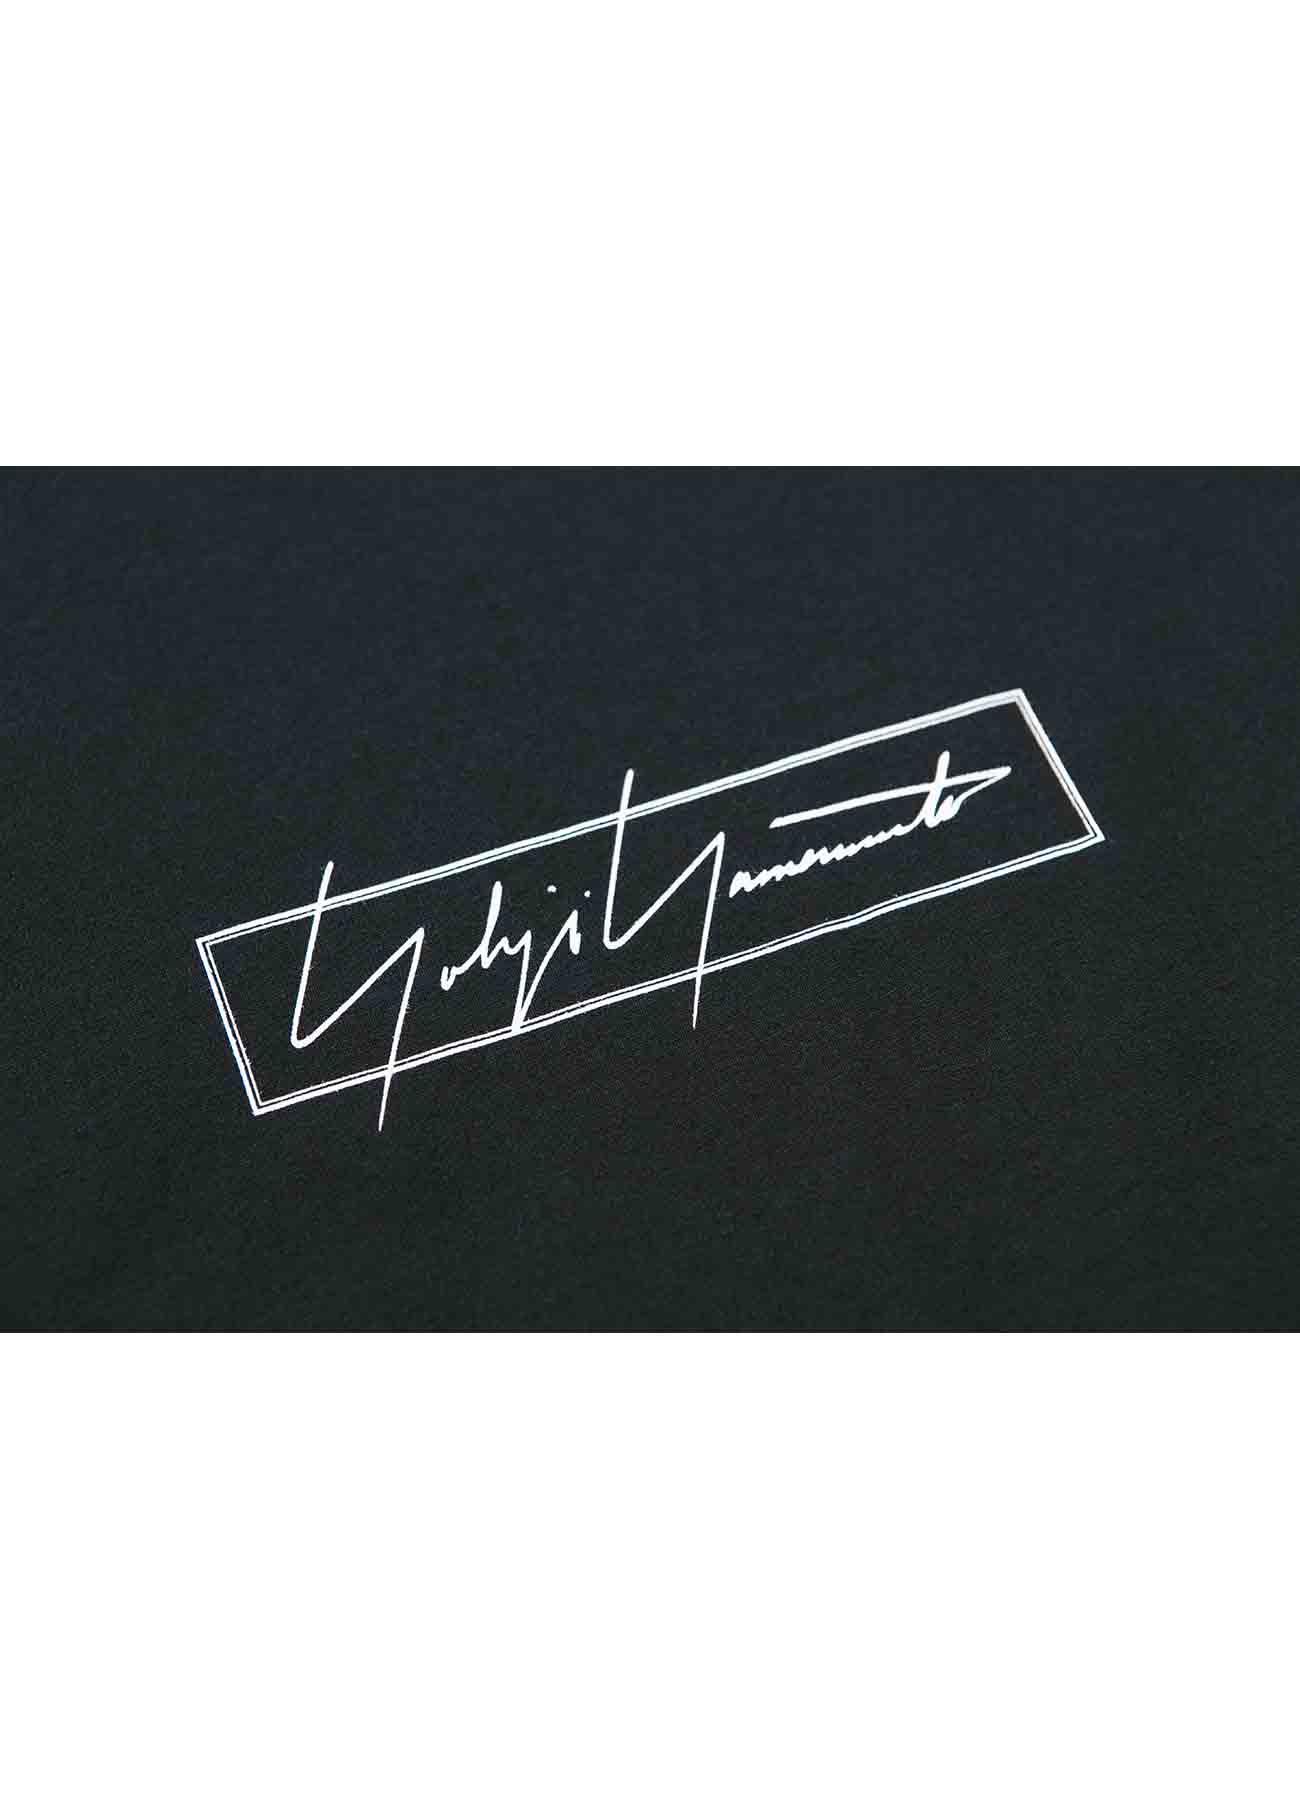 Yohji Yamamoto × New Era ボックスロゴ半袖TEE